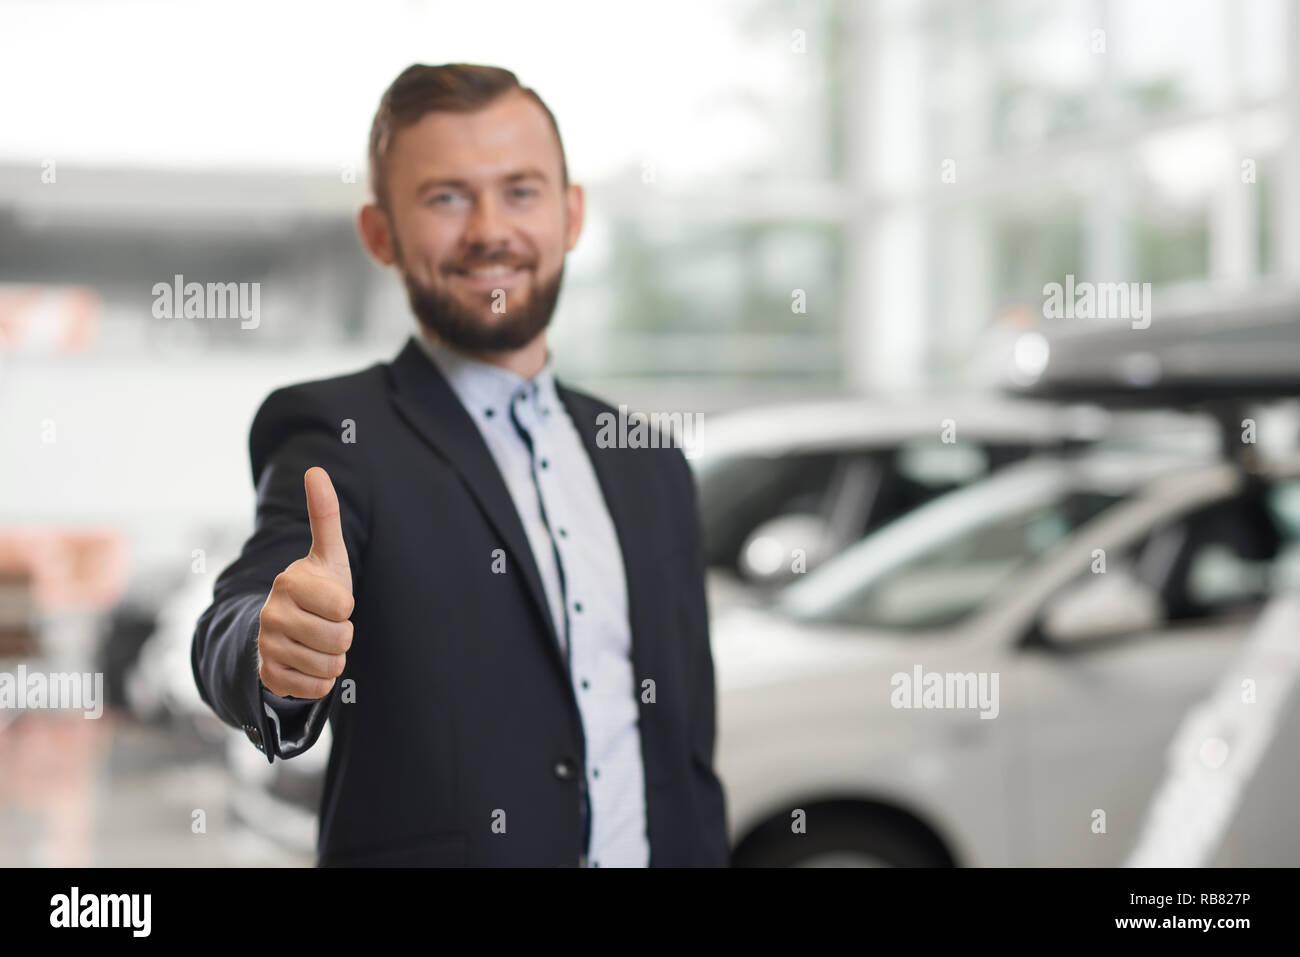 Cliente satisfecho del concesionario de coches mostrando el pulgar hacia arriba. Apuesto hombre barbado mirando a la cámara, sonriendo, posando. Empresario vistiendo la camiseta oficial y chaqueta azul oscuro. Imagen De Stock